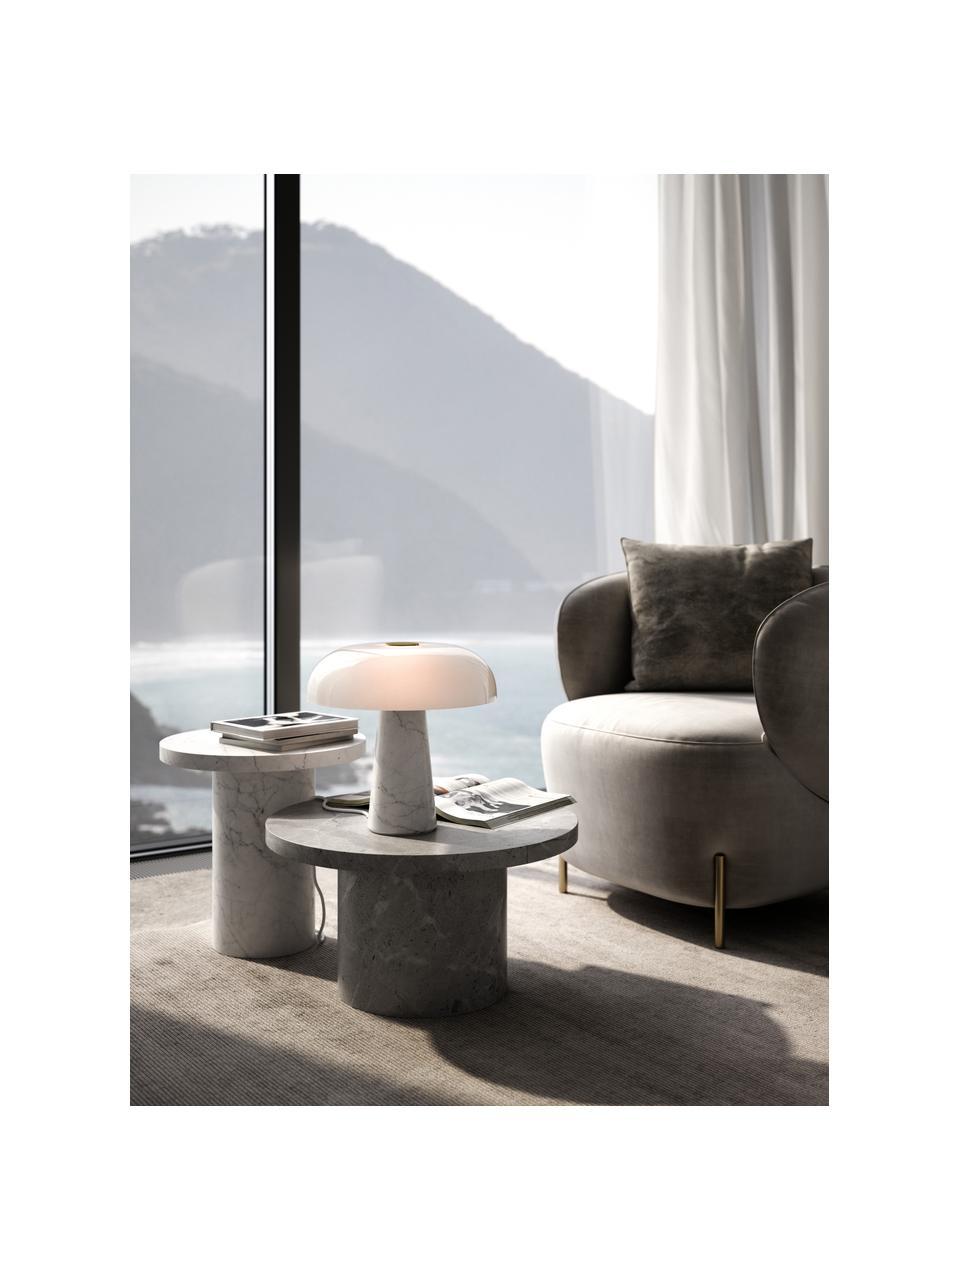 Tischlampe Glossy mit Marmorfuß, Lampenschirm: Opalglas, Lampenfuß: Marmor, Weiß, Ø 32 x H 32 cm